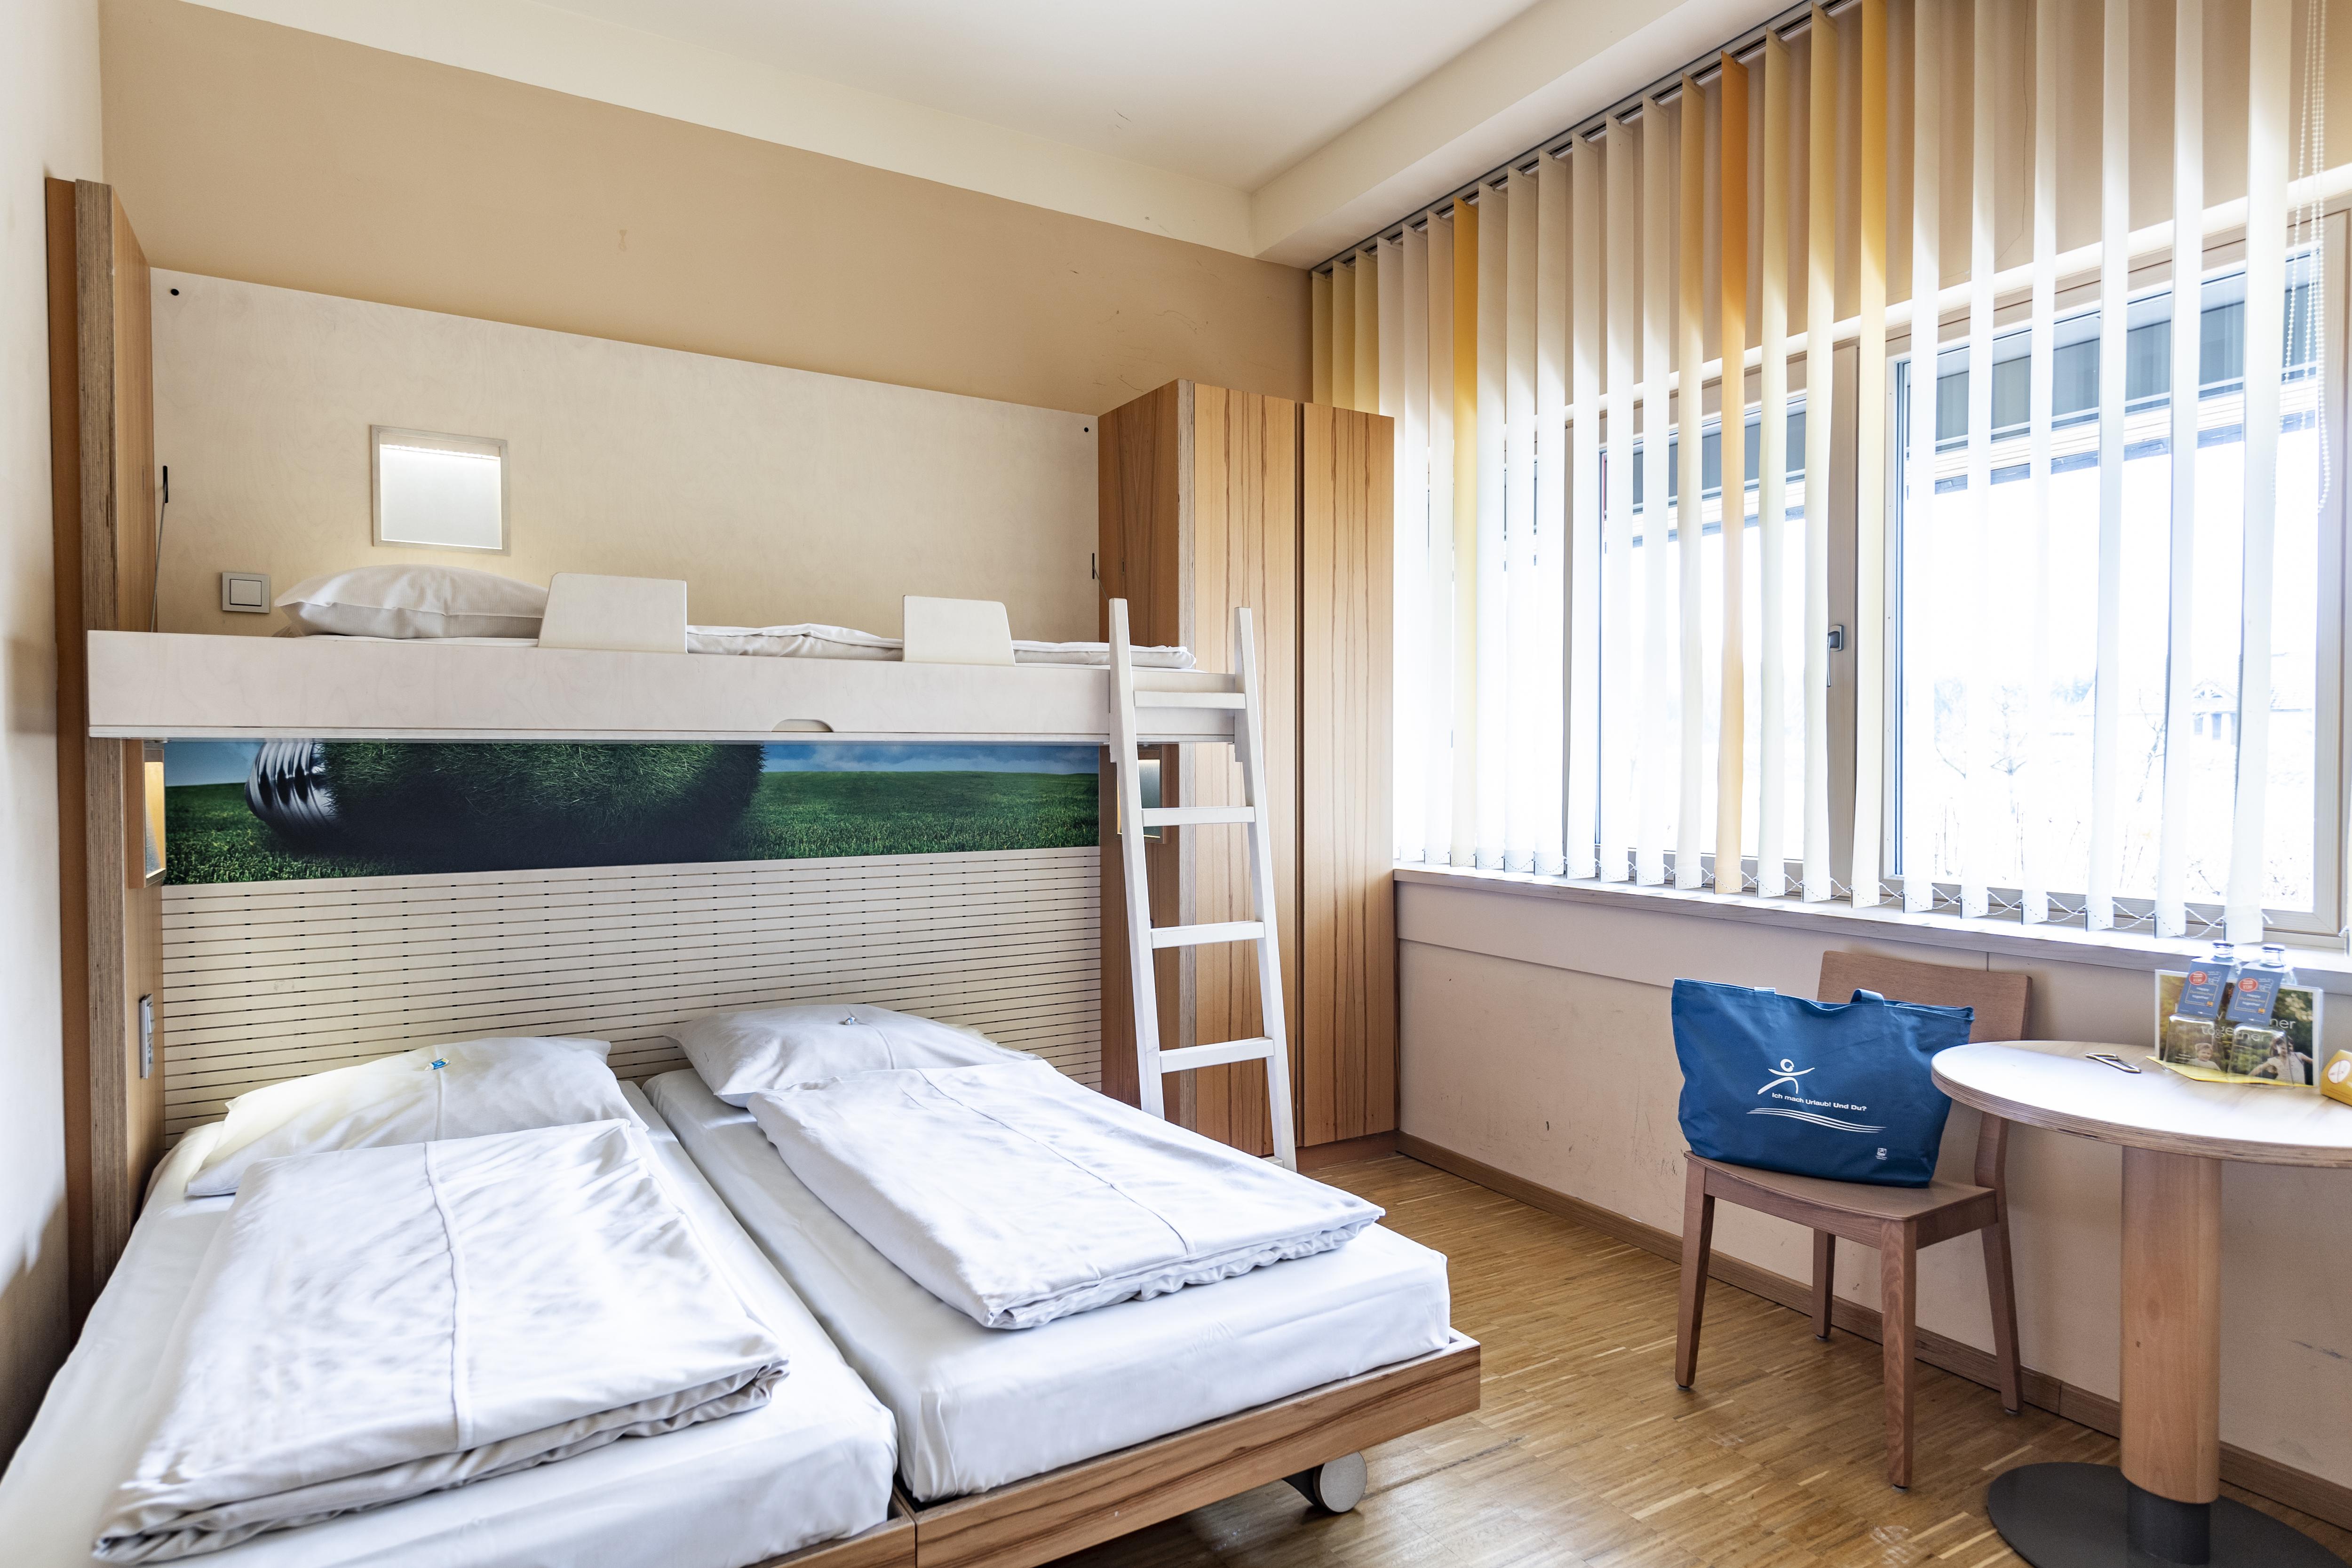 Sie sehen Betten in einem Familienzimmer medium Typ Family and Friends 3 im JUFA Hotel Bleiburg/Pliberk – Sport-Resort mit einer Sitzgelegenheit. JUFA Hotels bietet Ihnen den Ort für erfolgreiches Training in ungezwungener Atmosphäre für Vereine und Teams.